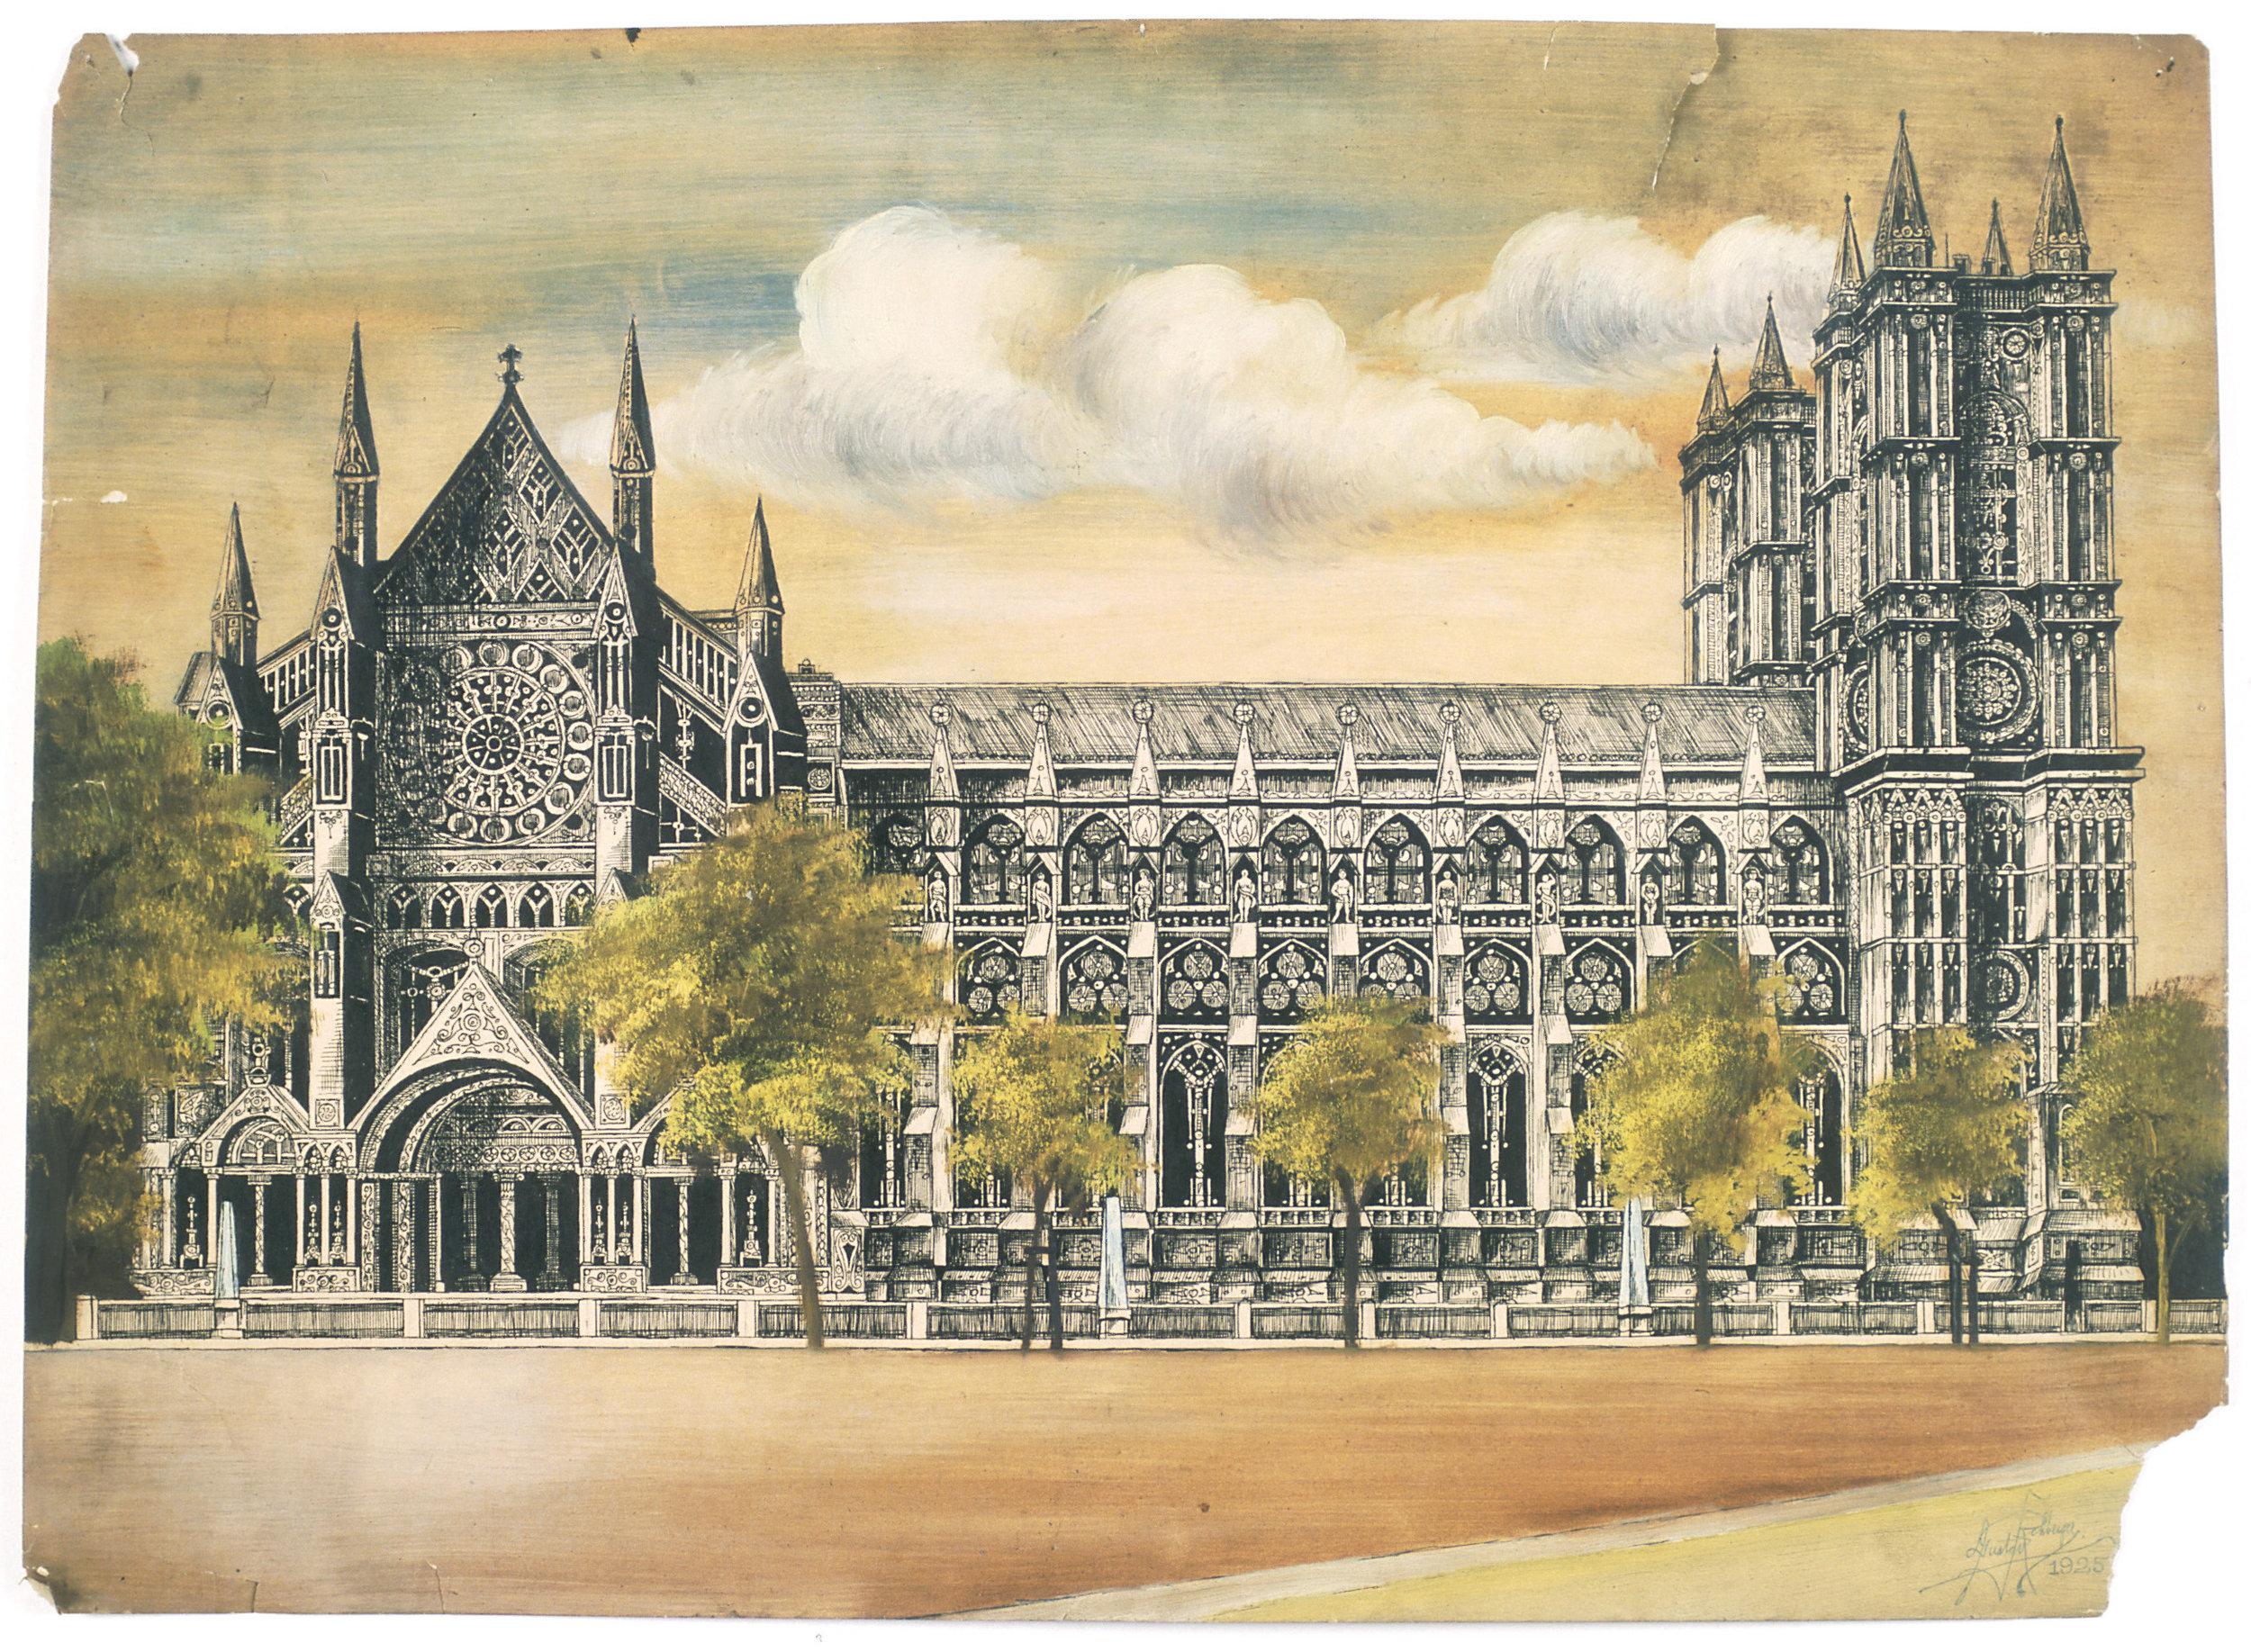 1925 - Westminster Abbey (pen & ink, oil 20x30)